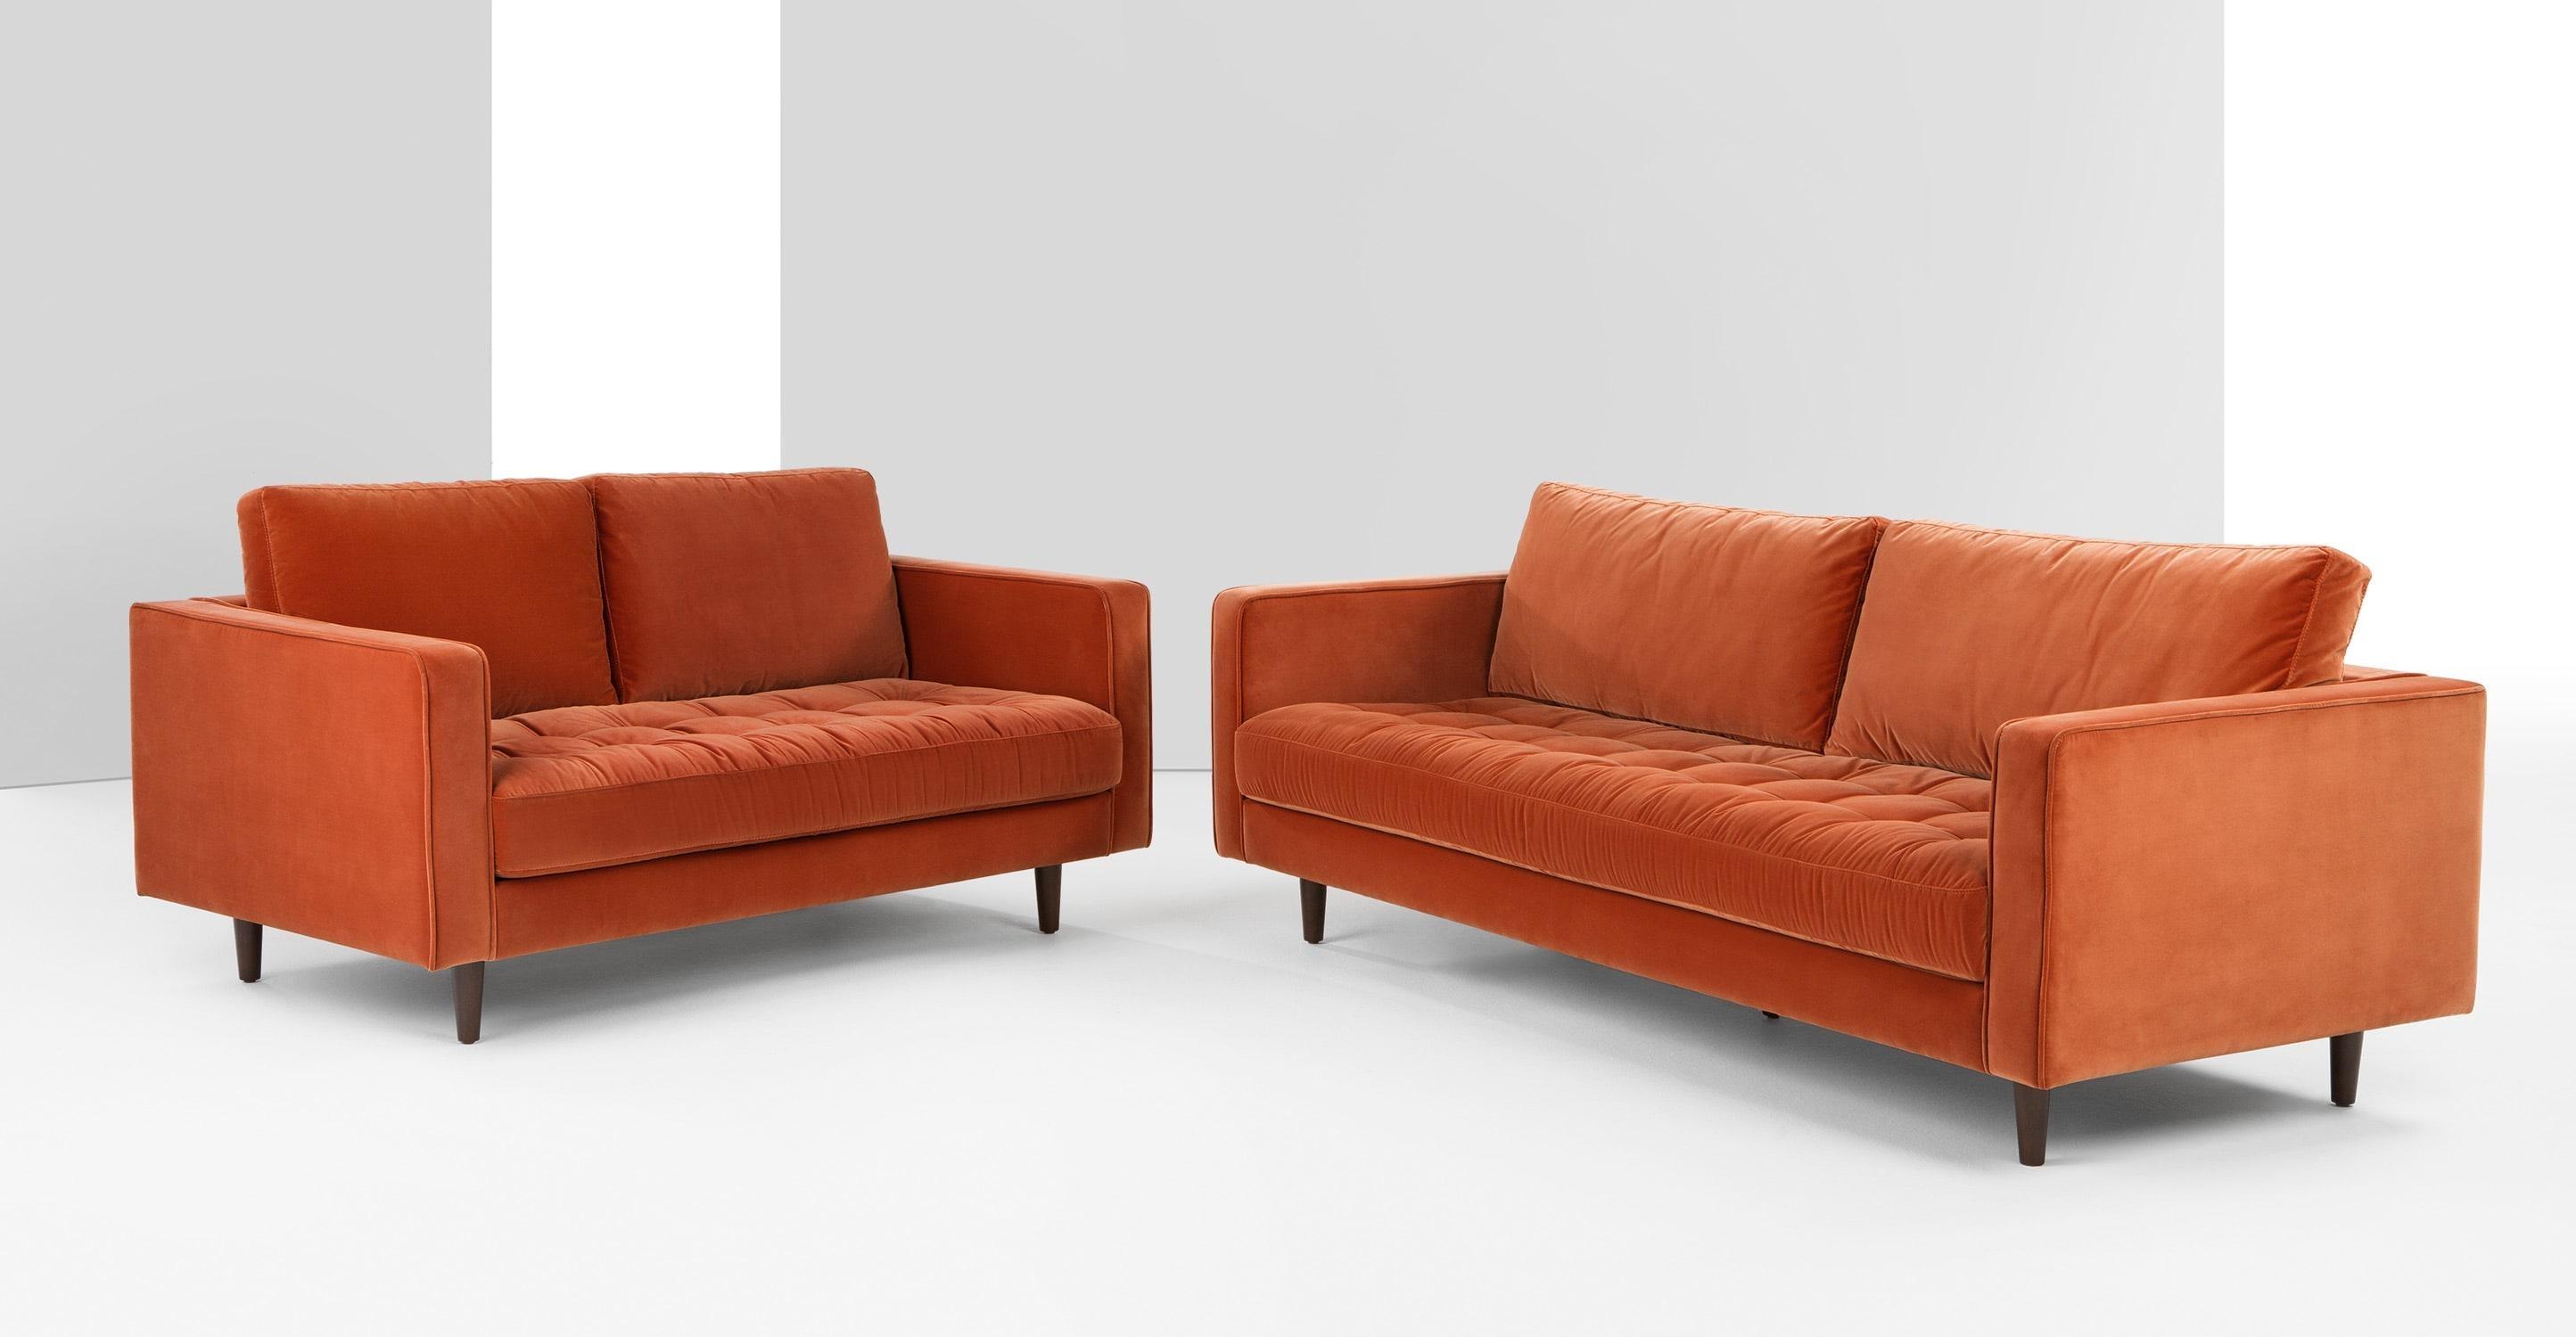 Scott Armchair, Burnt Orange Cotton Velvet | Made Regarding Burnt Orange Sofas (Image 17 of 20)